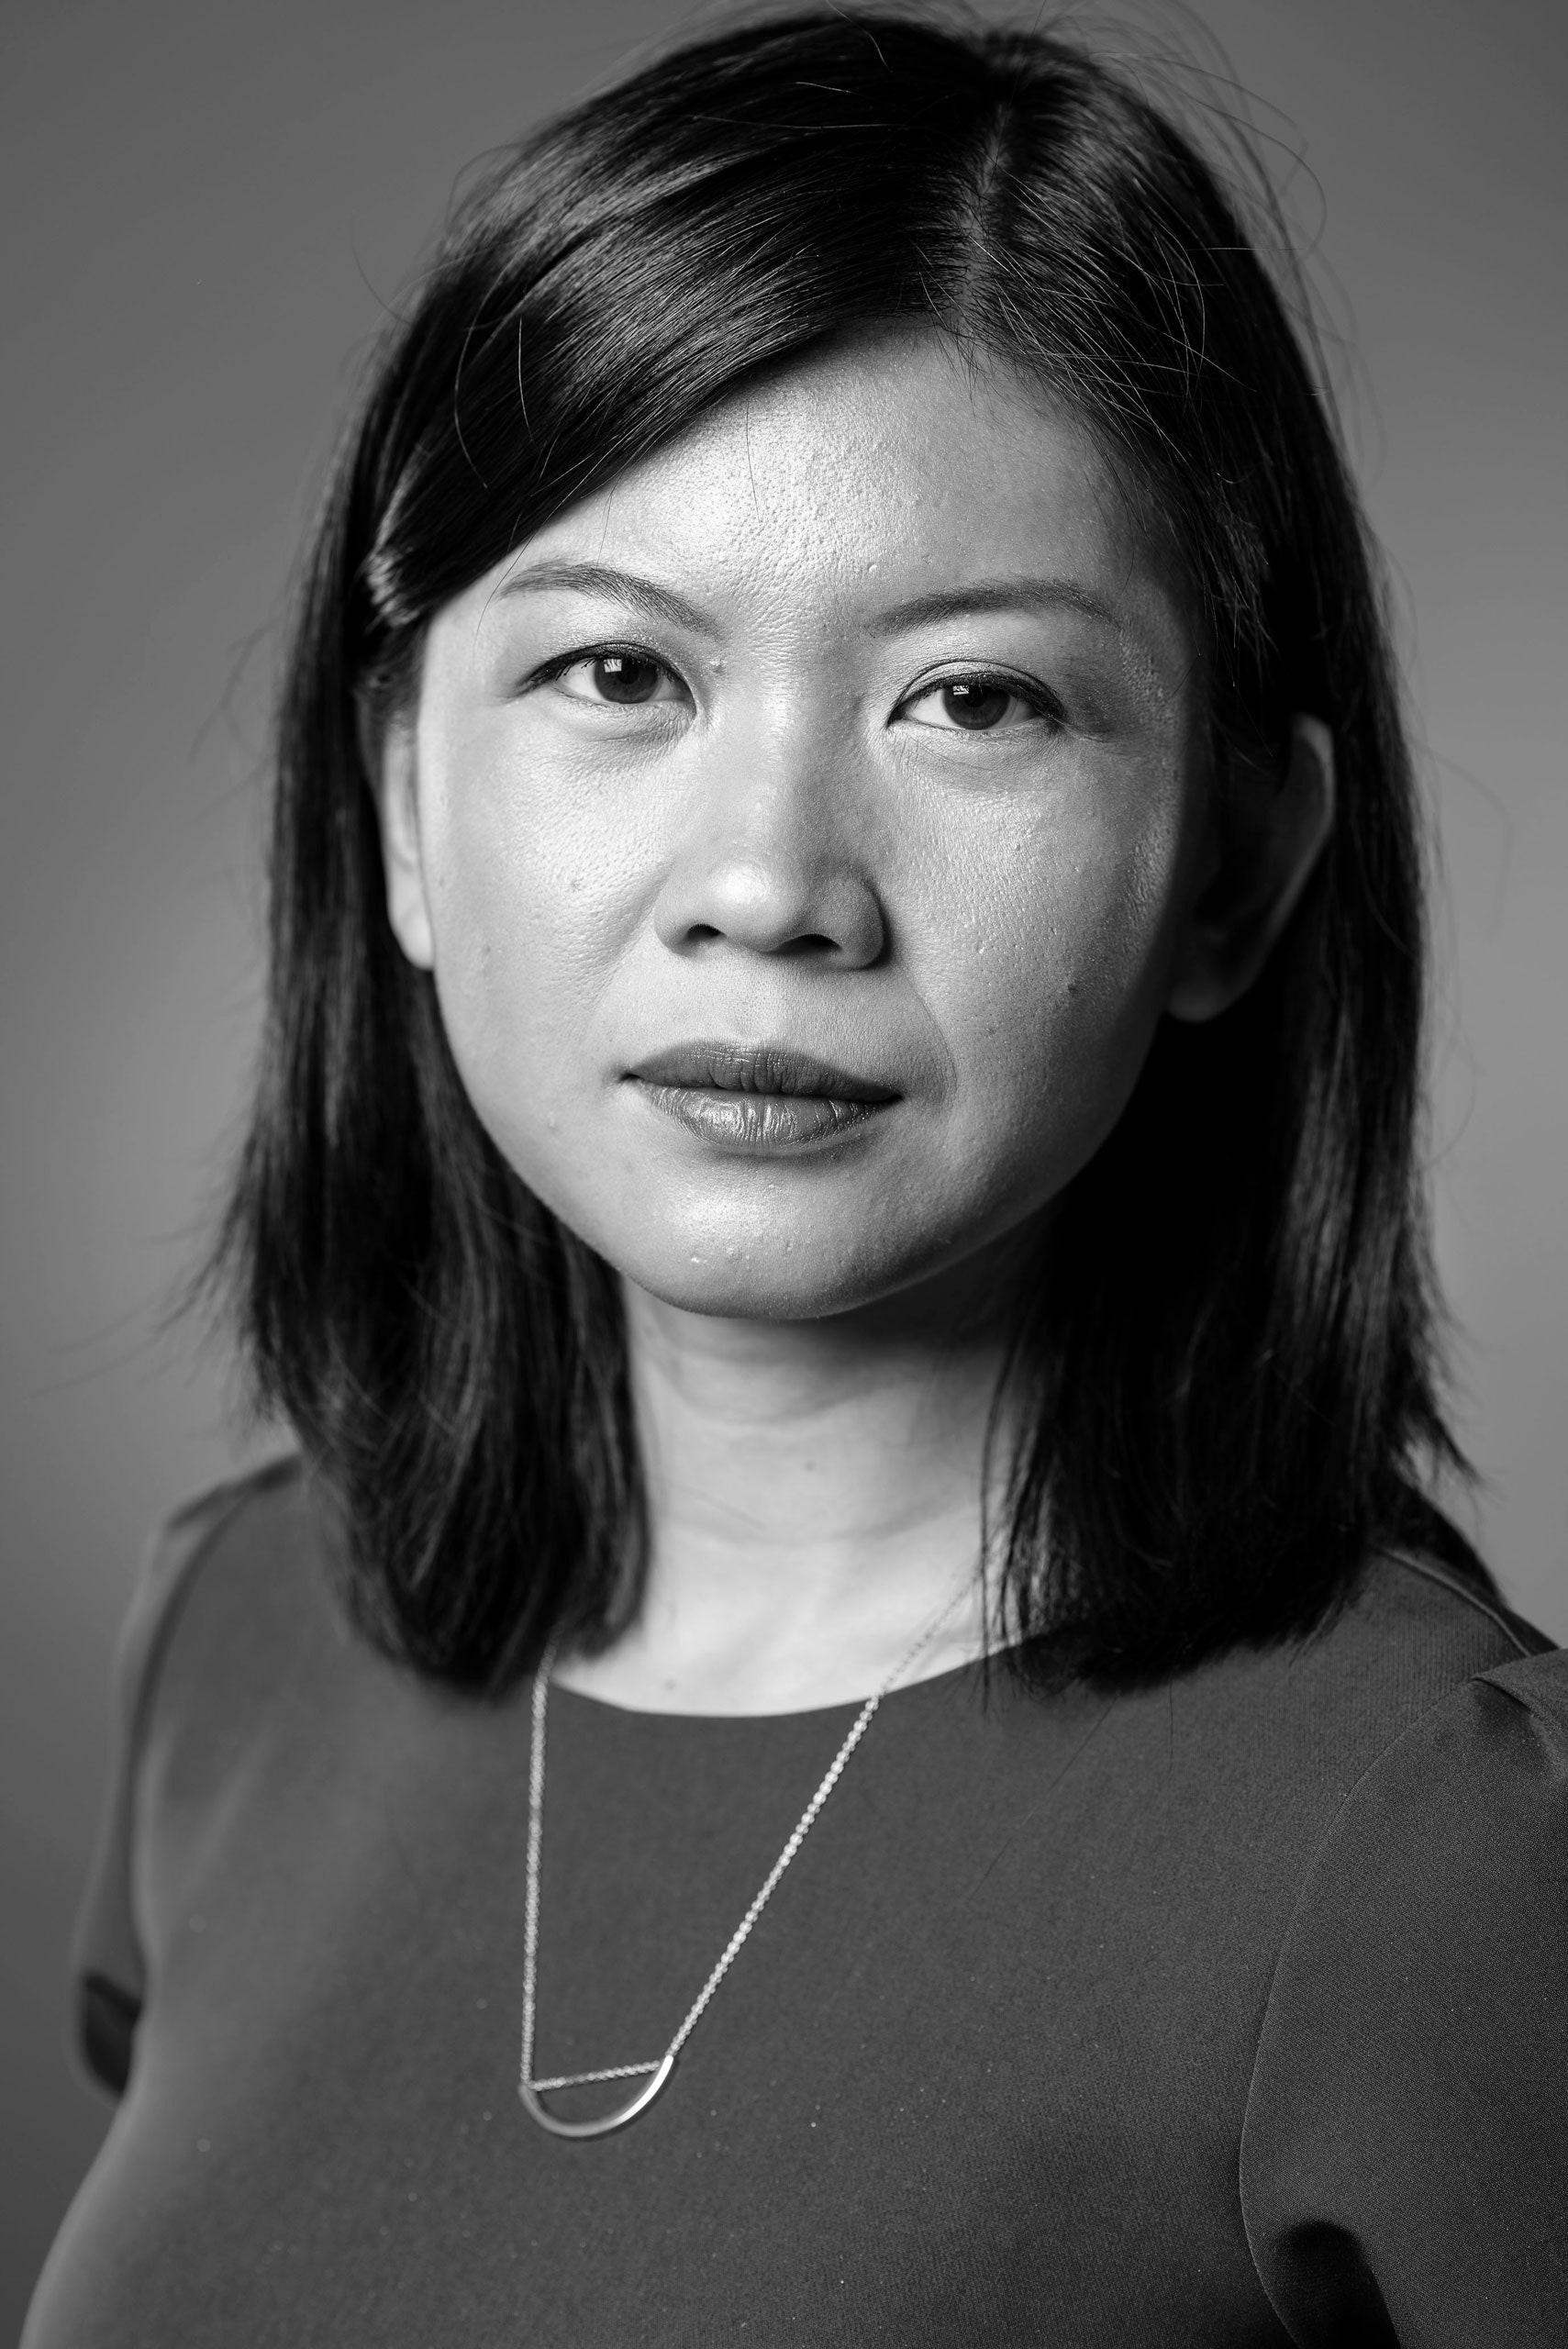 Rachel Heng